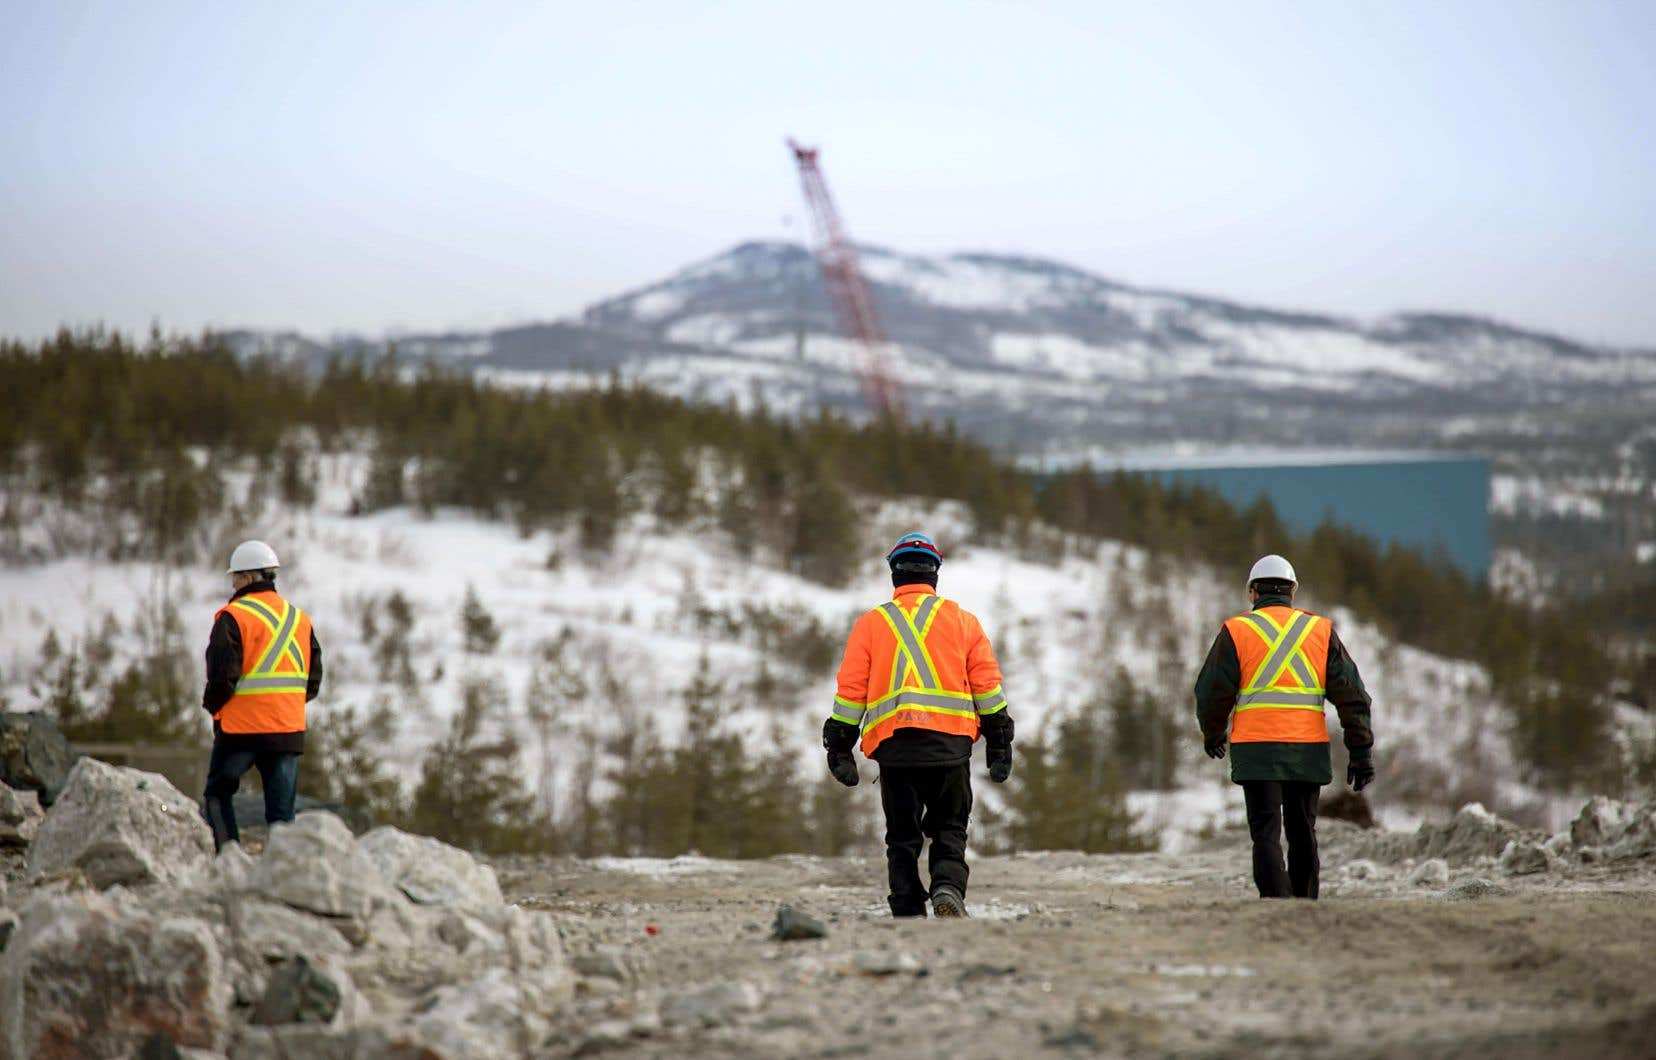 À l'heure actuelle, la construction de la mine de Nemaska Lithium à la Baie-James (sur la photo) est achevée à 52%, comparativement à 4% pour l'usine de traitement électrochimique à Shawinigan.